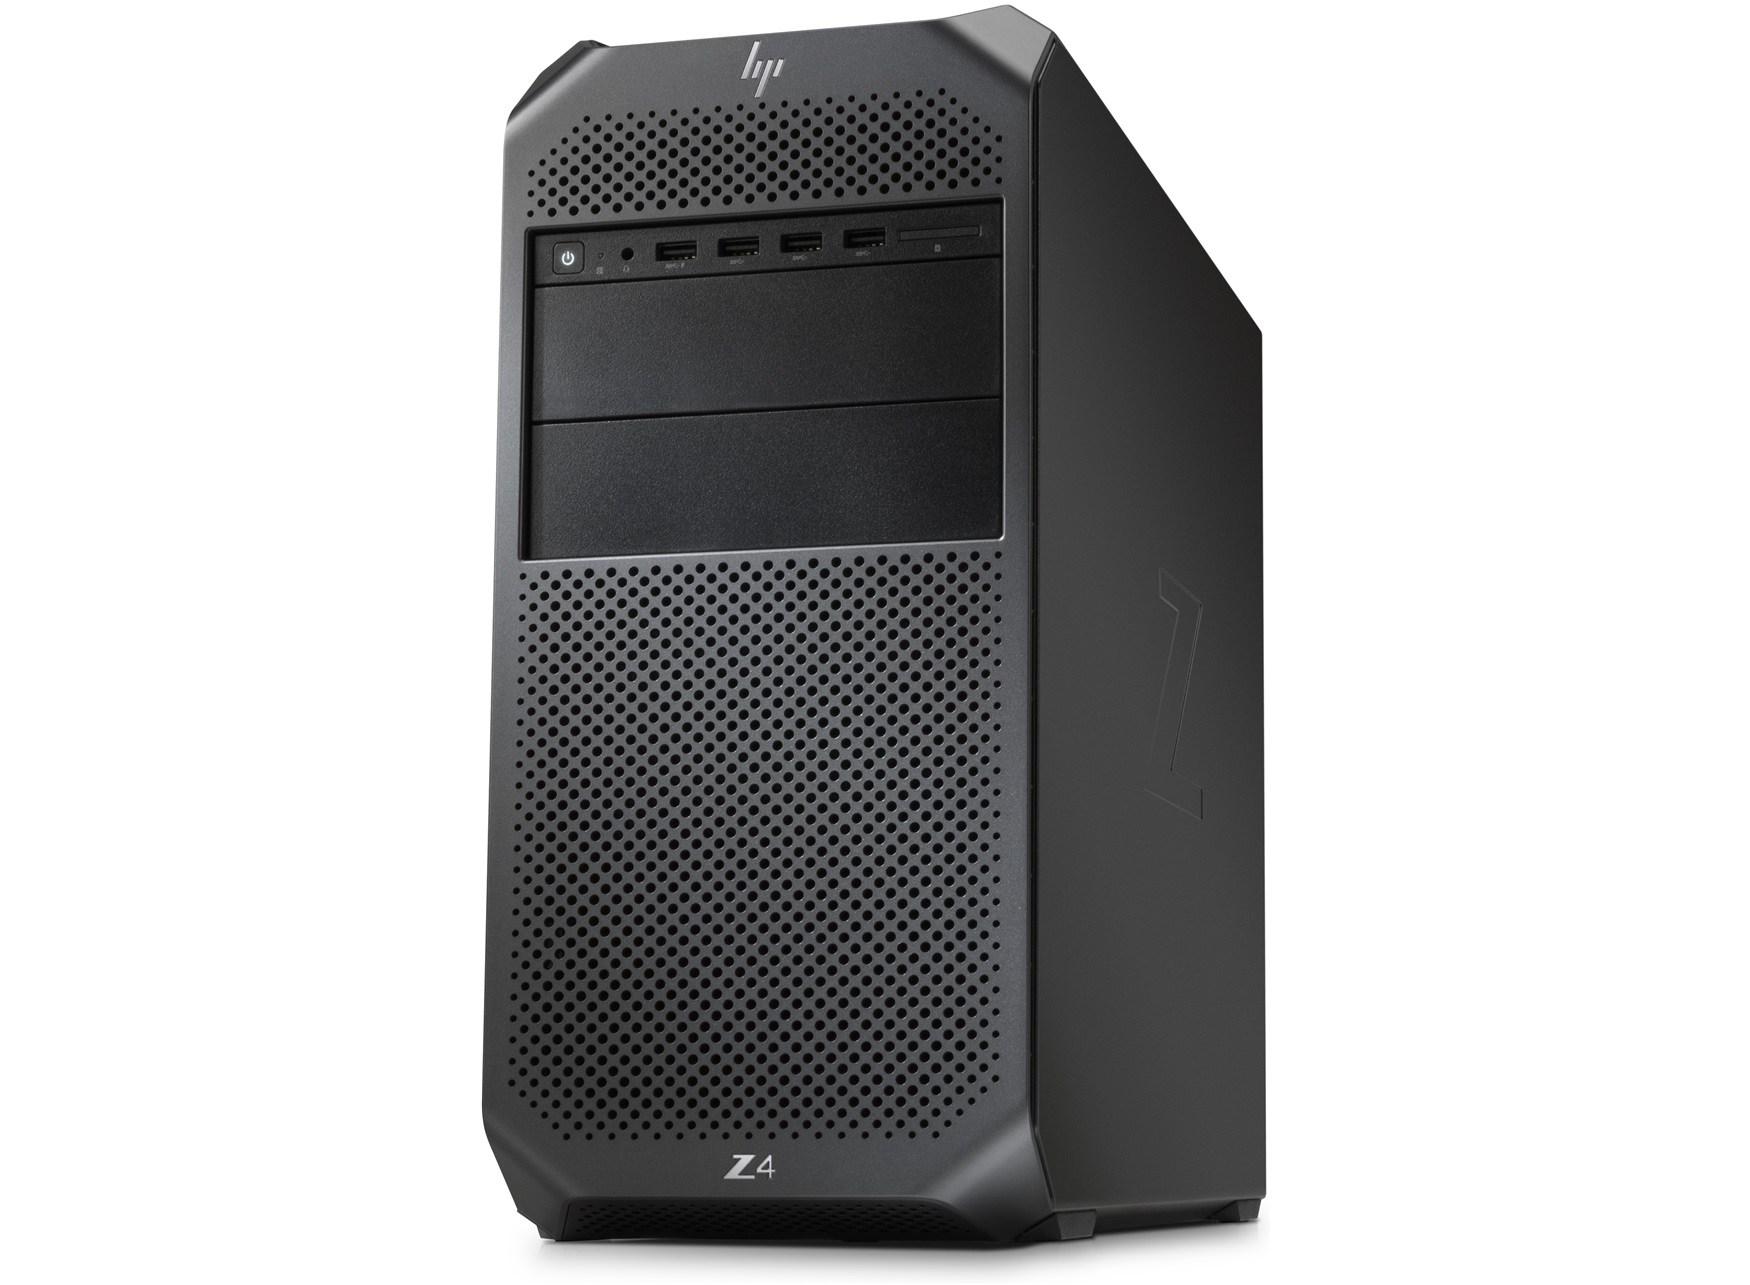 Máy Bộ WorkStation HP Z4 G4 (Xeon 2104/8GB RAM/1TB HDD/DVDWR/DOS) 4HJ20AV